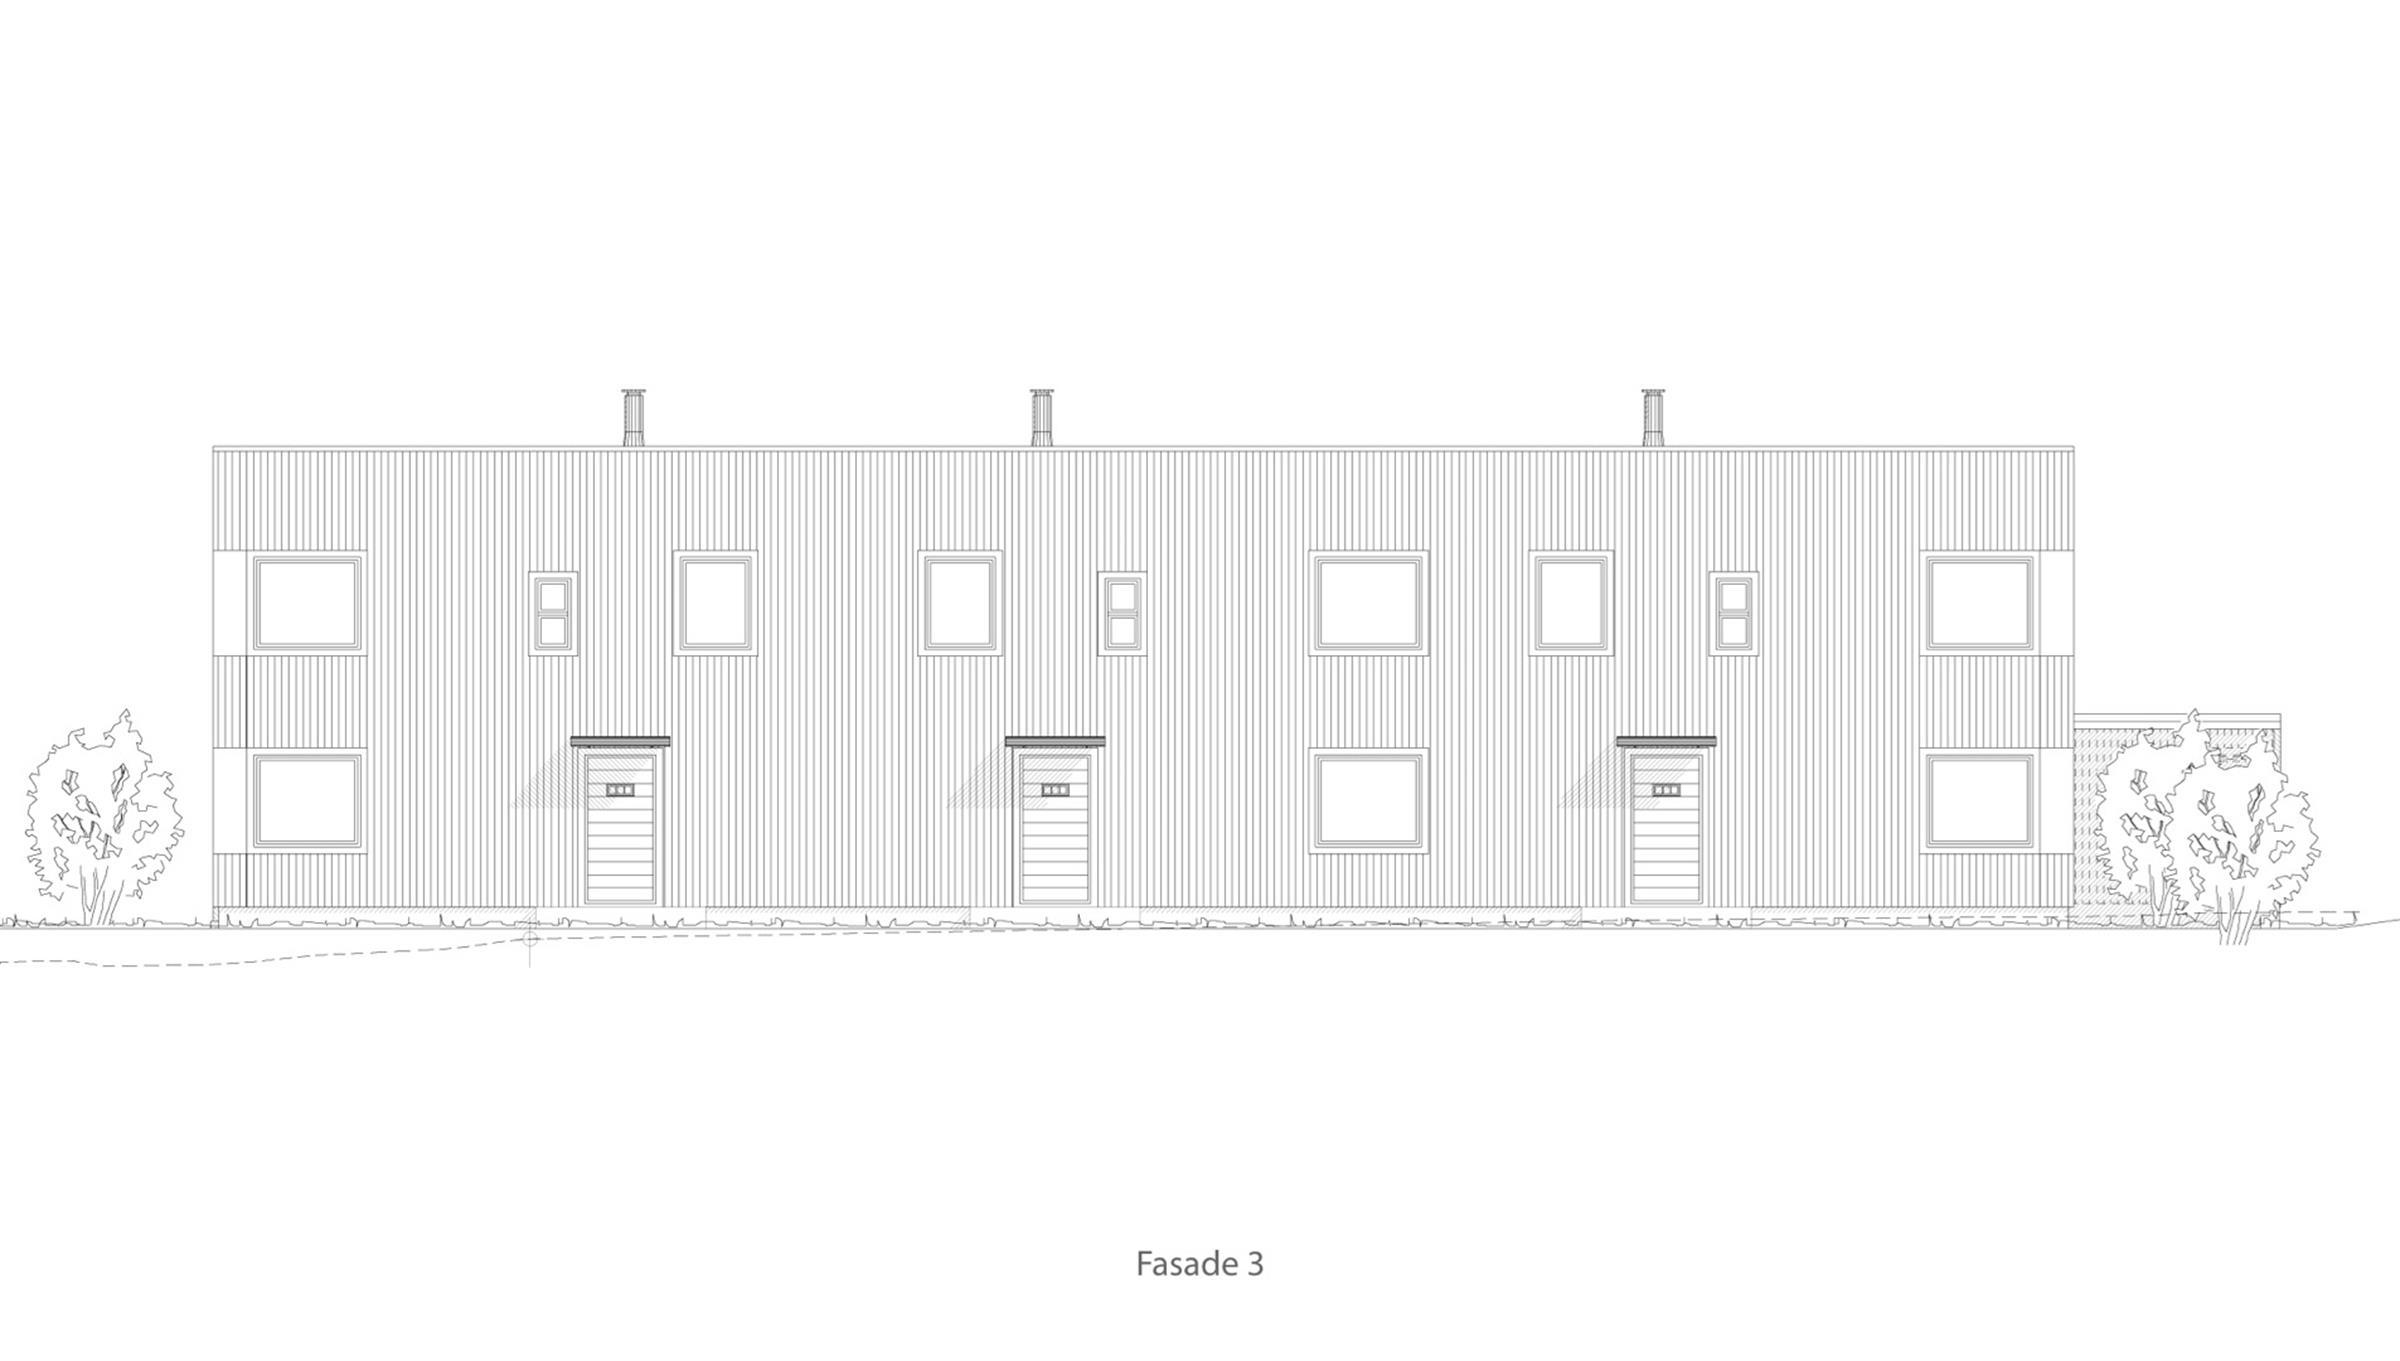 Jessheim fasade 3